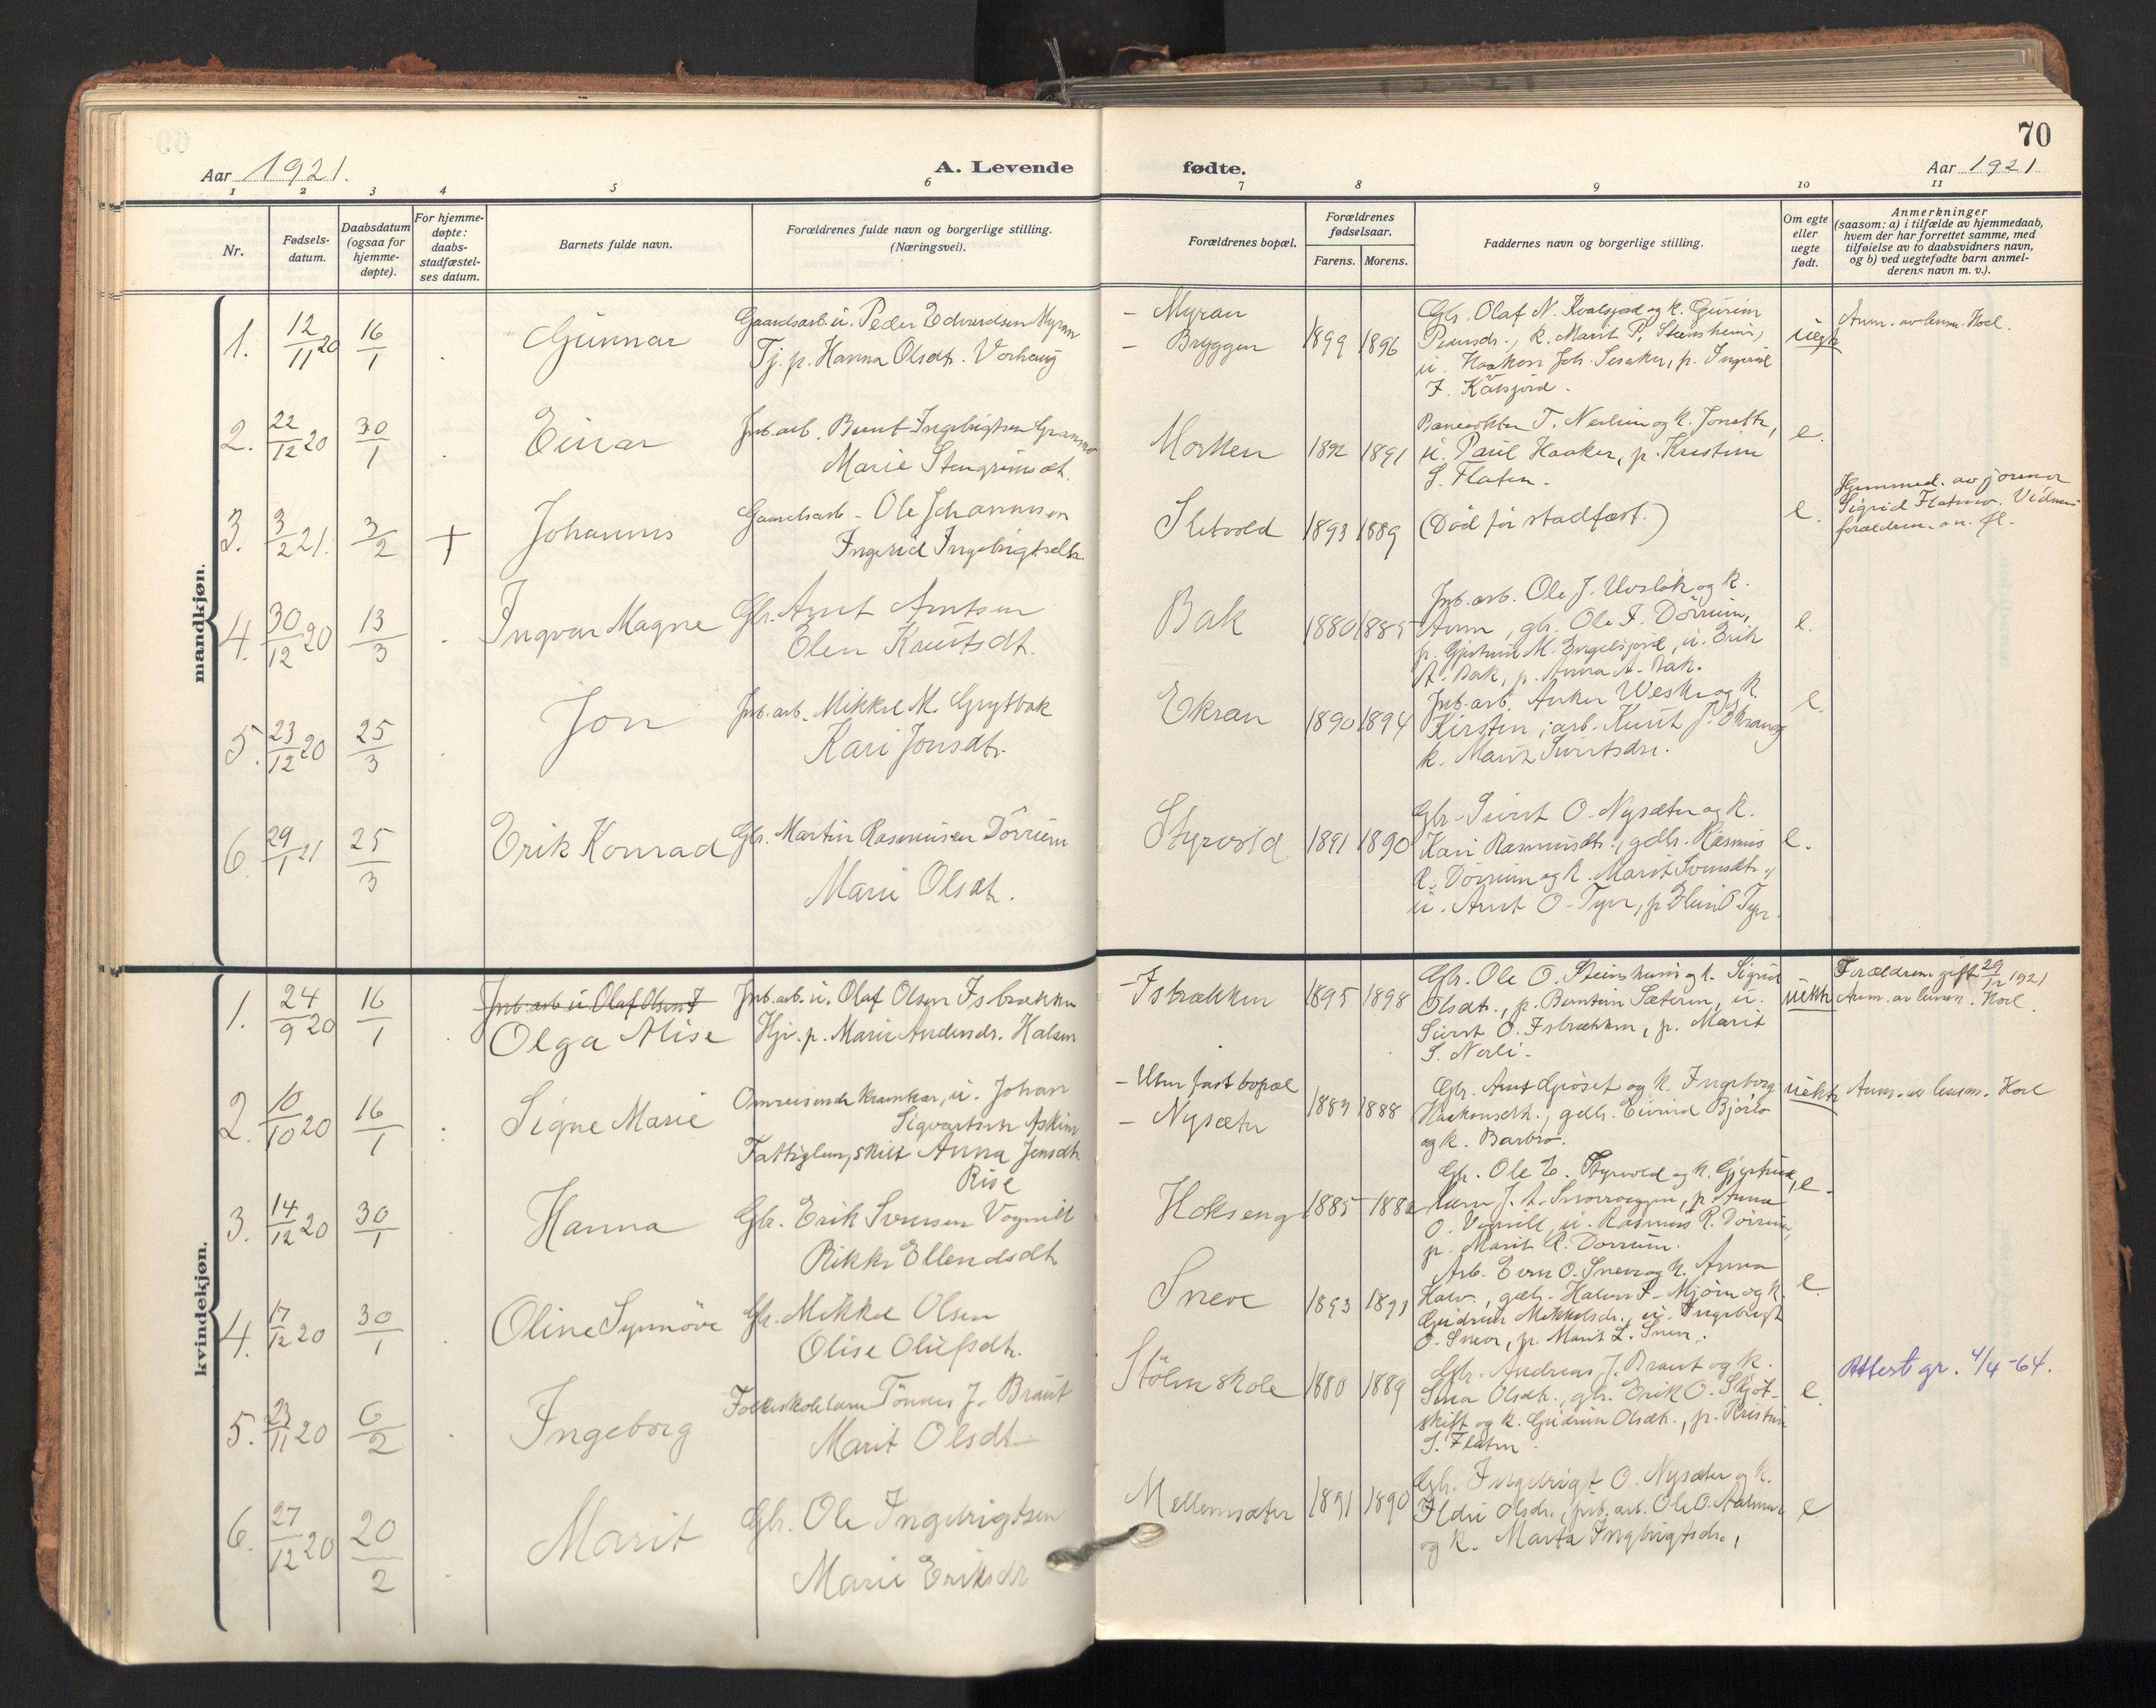 SAT, Ministerialprotokoller, klokkerbøker og fødselsregistre - Sør-Trøndelag, 678/L0909: Ministerialbok nr. 678A17, 1912-1930, s. 70